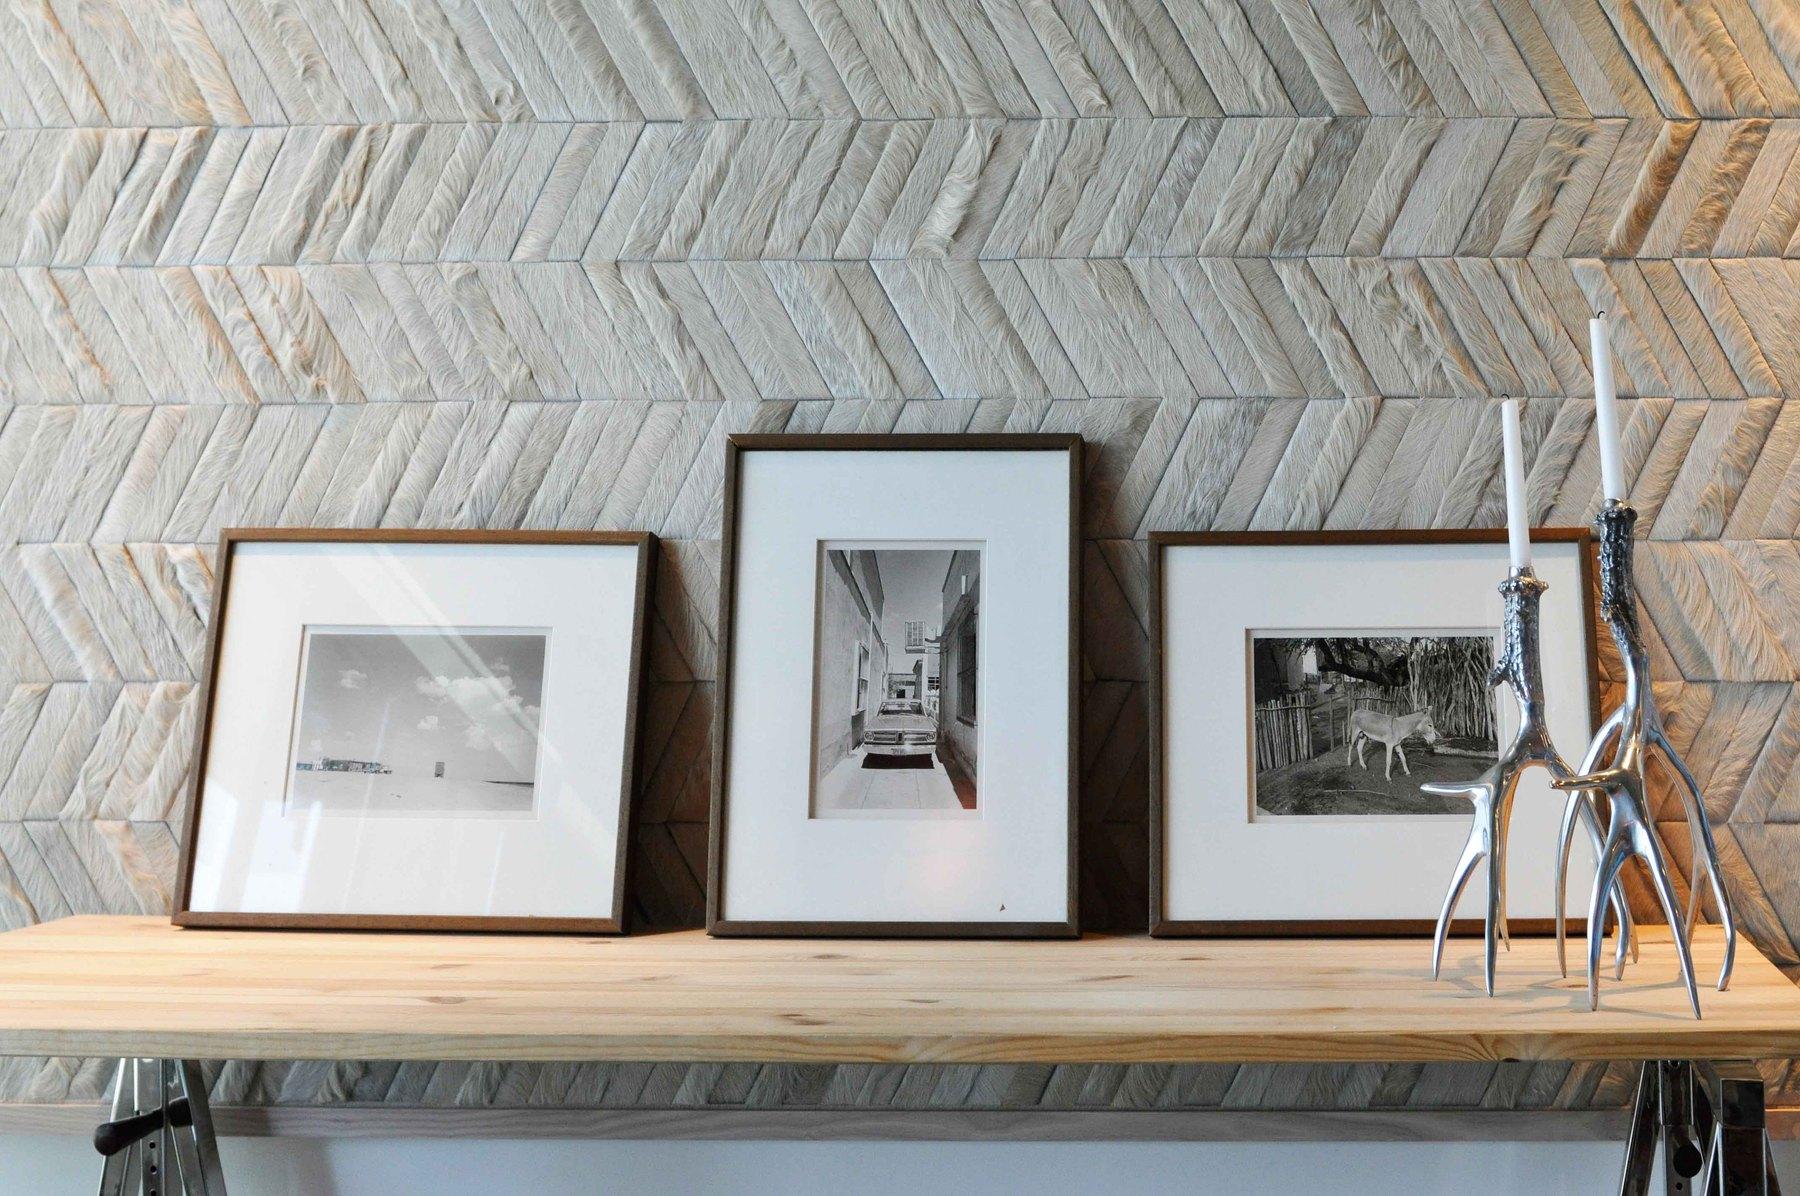 Interior Design Installation By Elizabeth Tigar Mr Crowley Wall